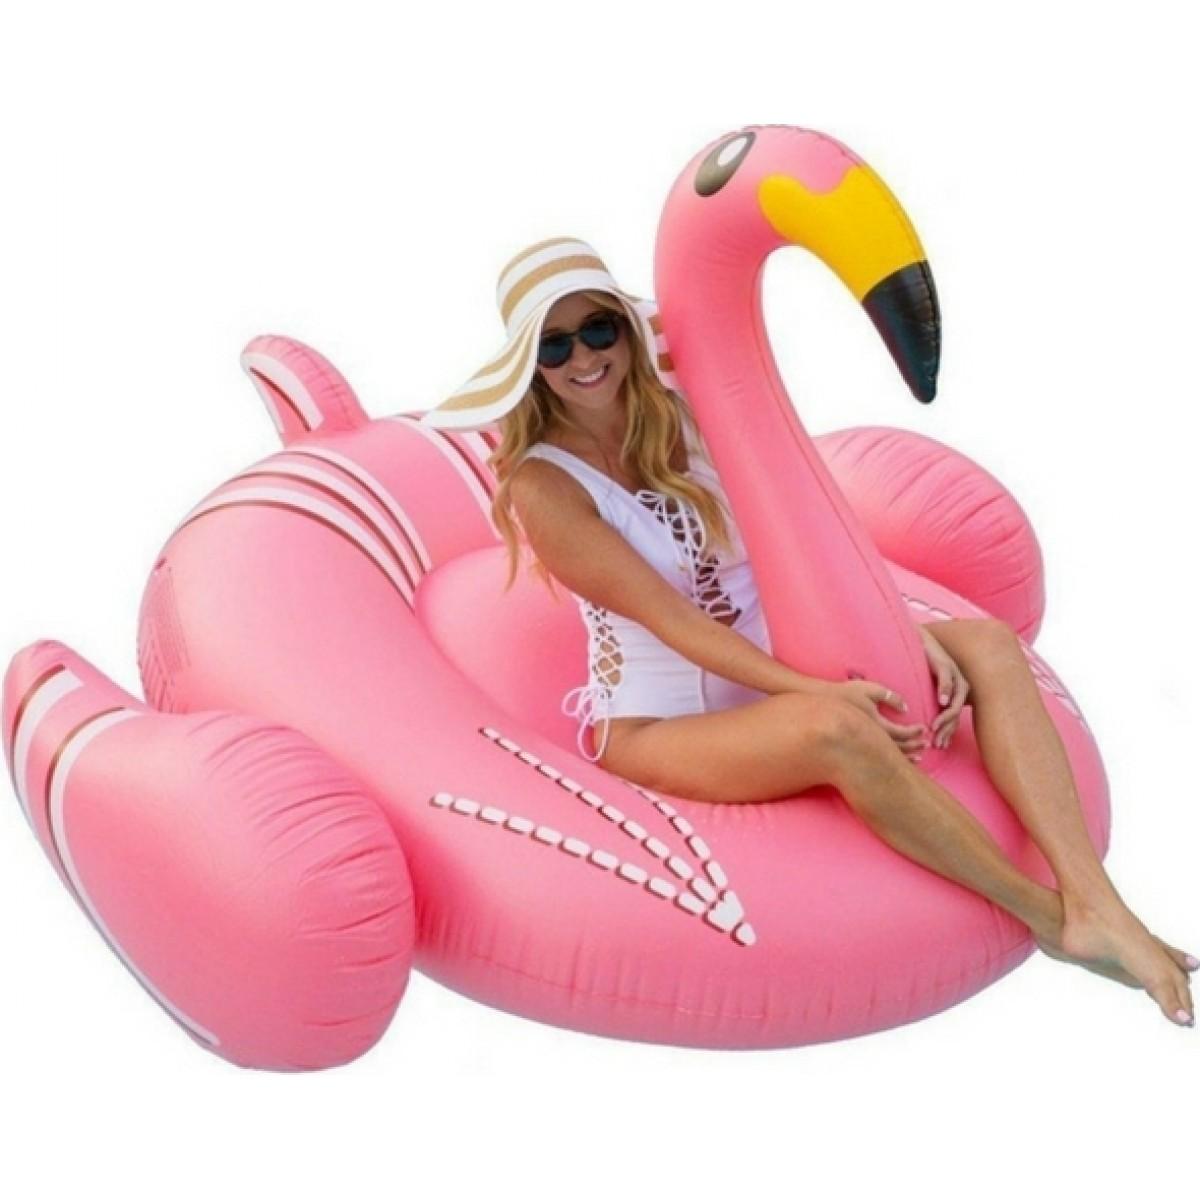 Φουσκωτό Στρώμα Θαλάσσης Flamingo XL 270x120x140εκ